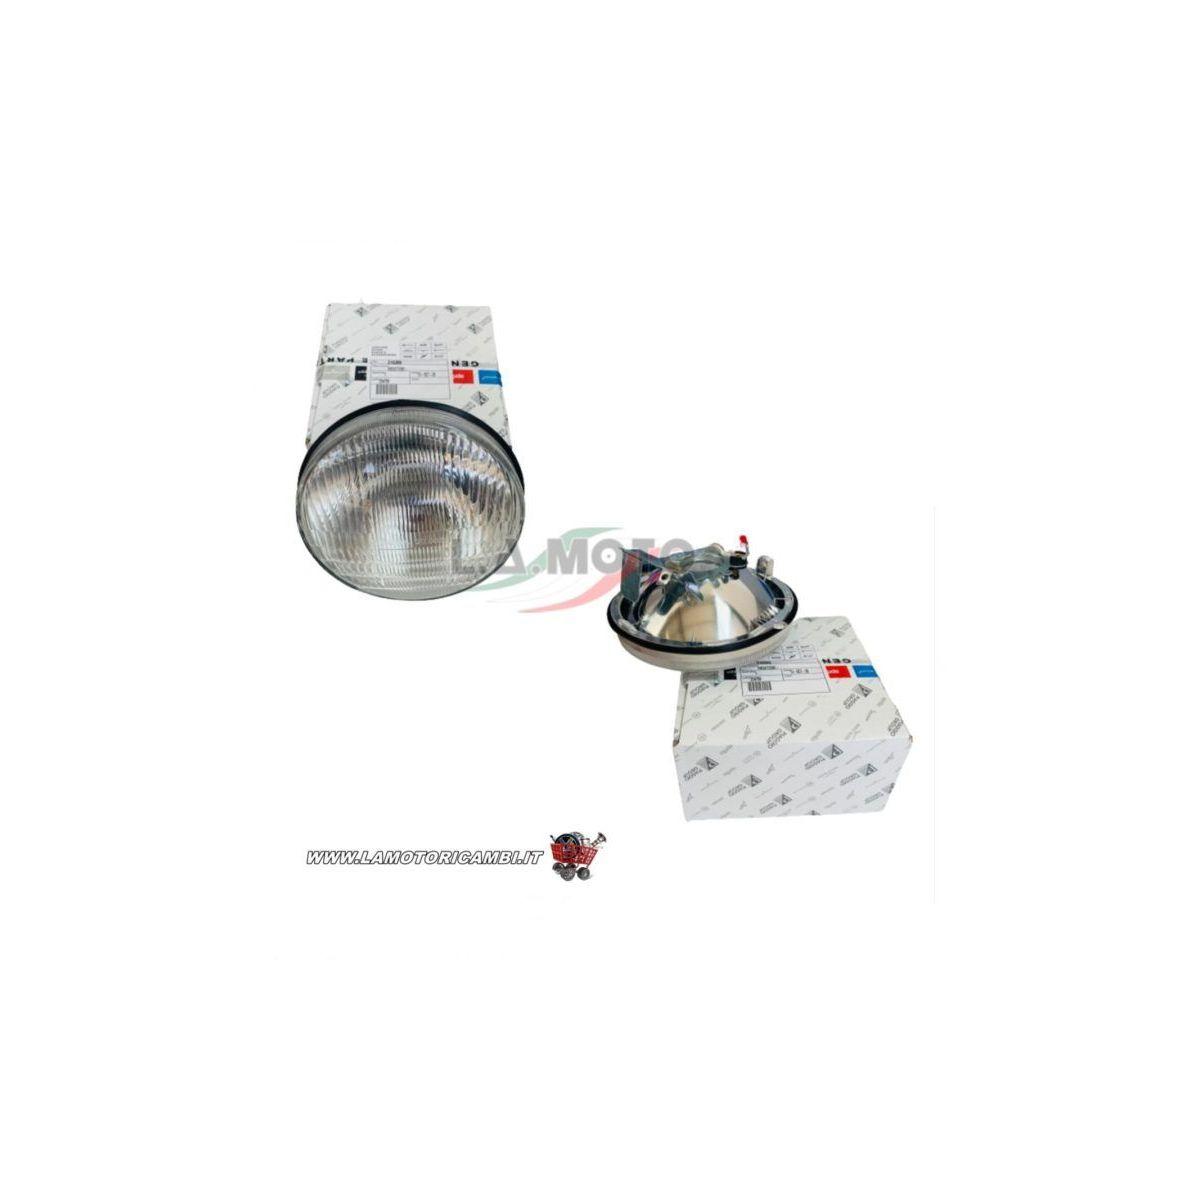 215399- Gruppo ottico faro anteriore TRIOM originale piaggio per VESPA 50 PK XL